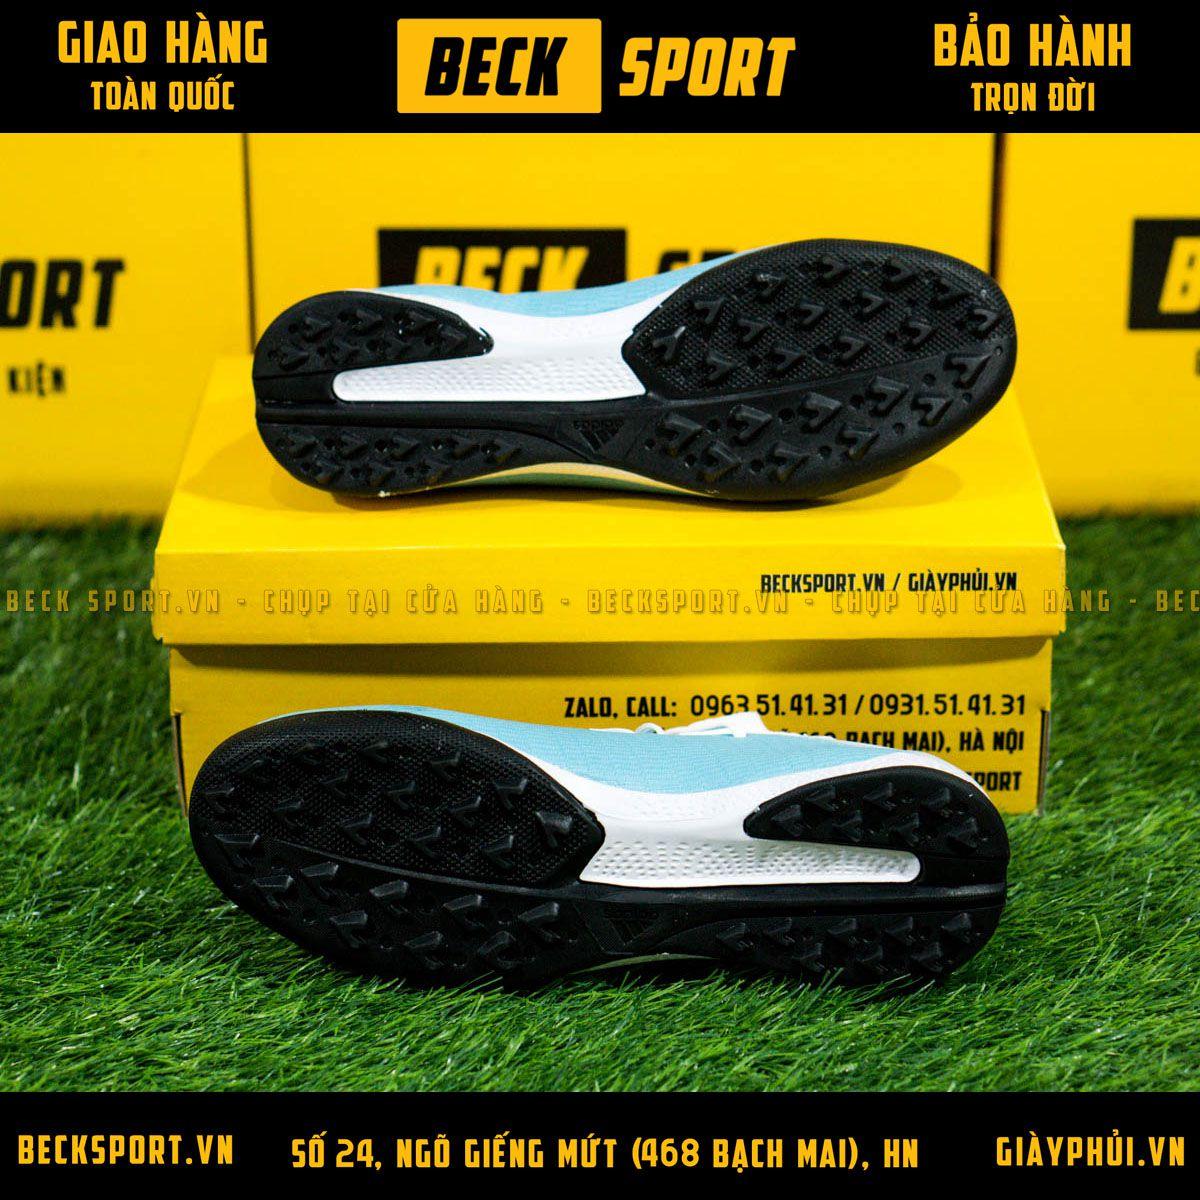 Giày Bóng Đá Adidas X 19.3 Xanh Biển Vạch Đen Gót Trắng TF